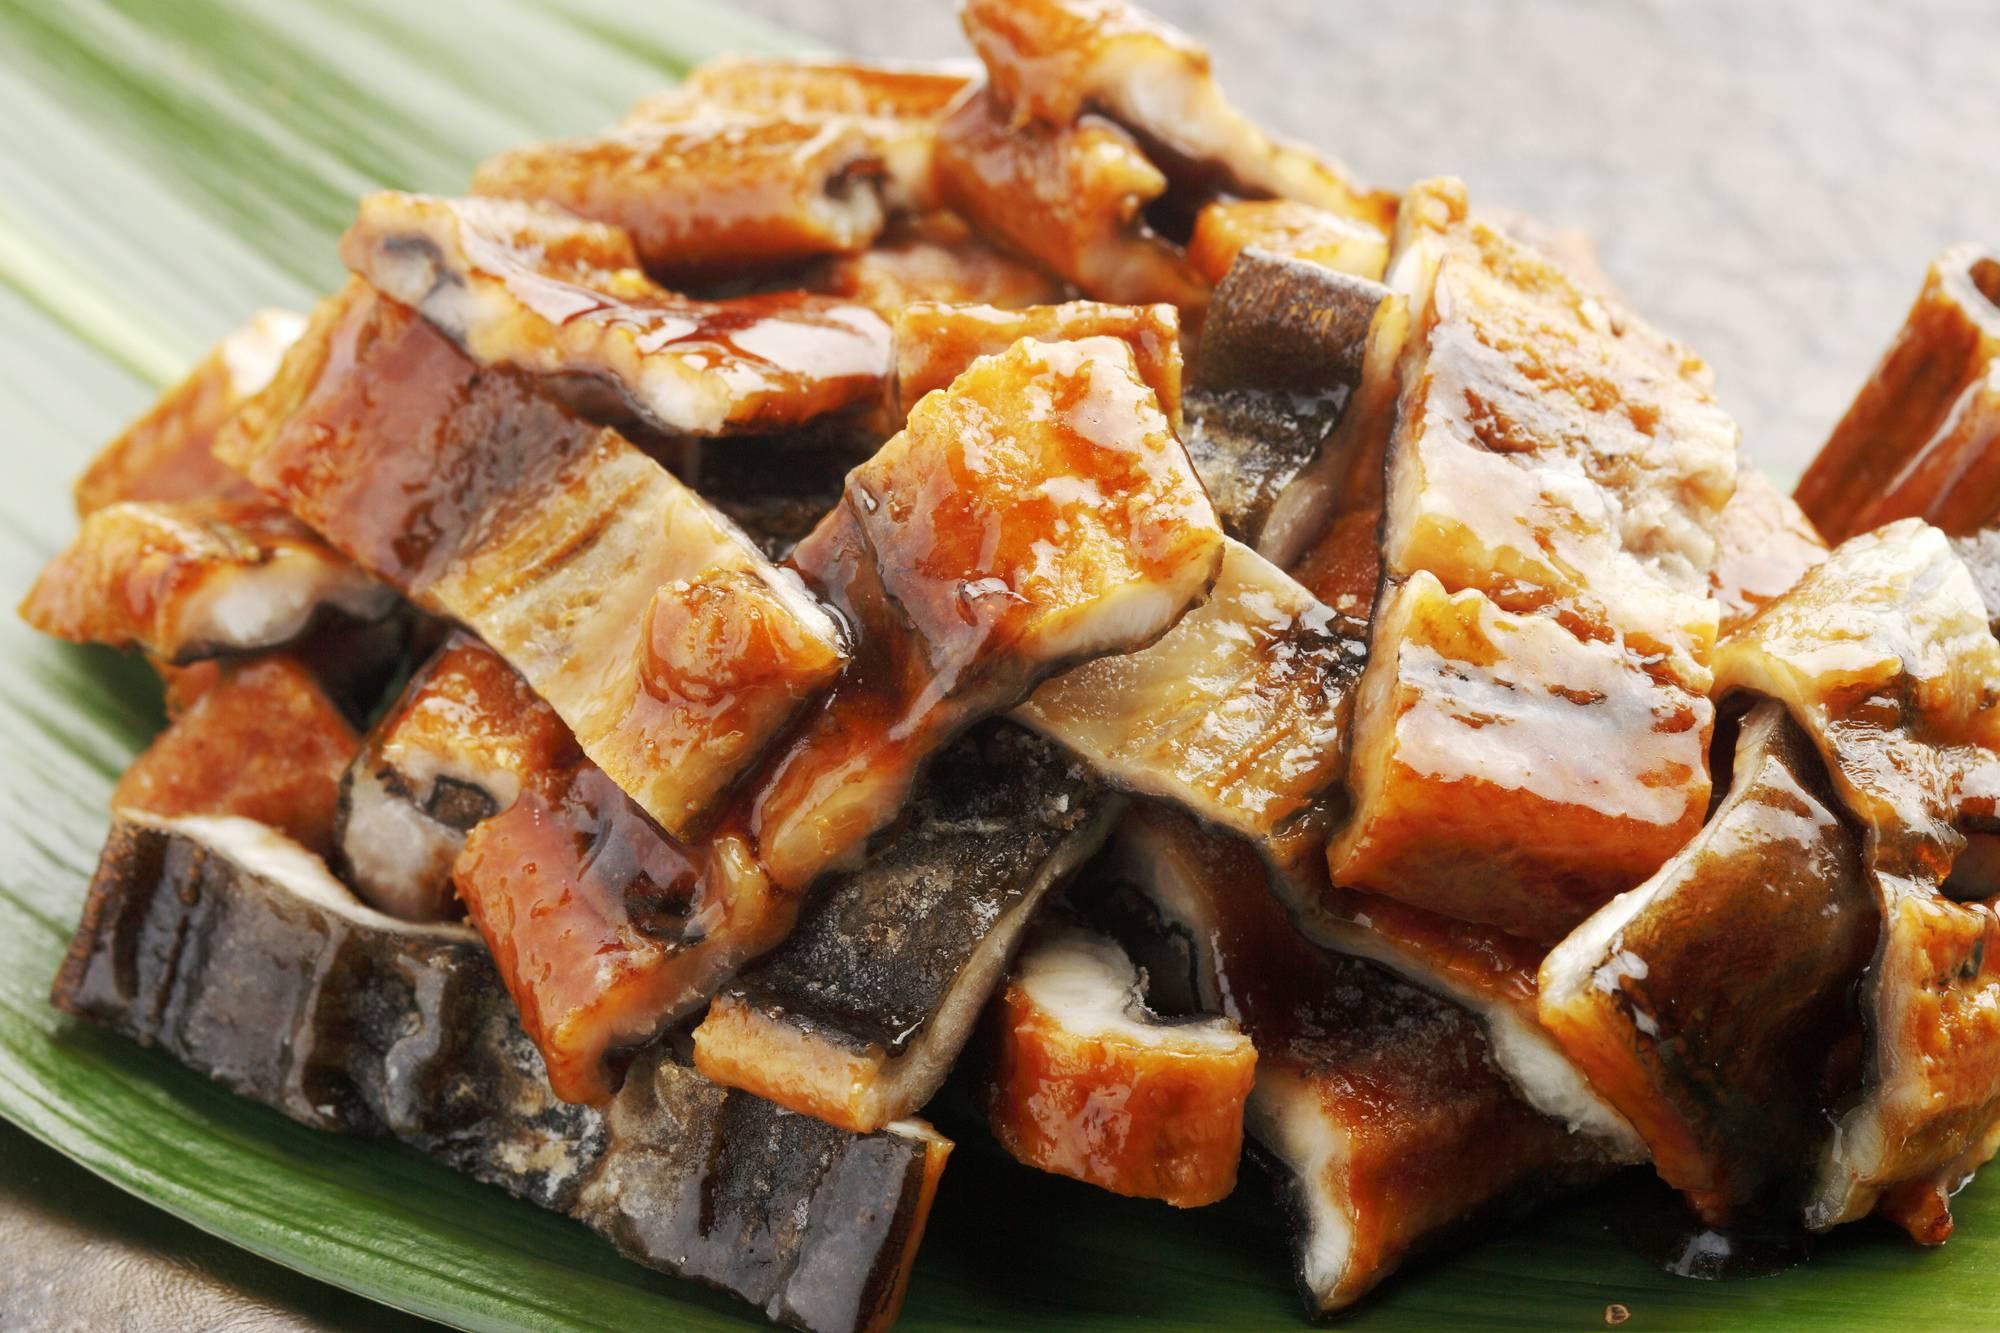 口内炎があるときに避けるべき食べ物、おすすめの食べ物